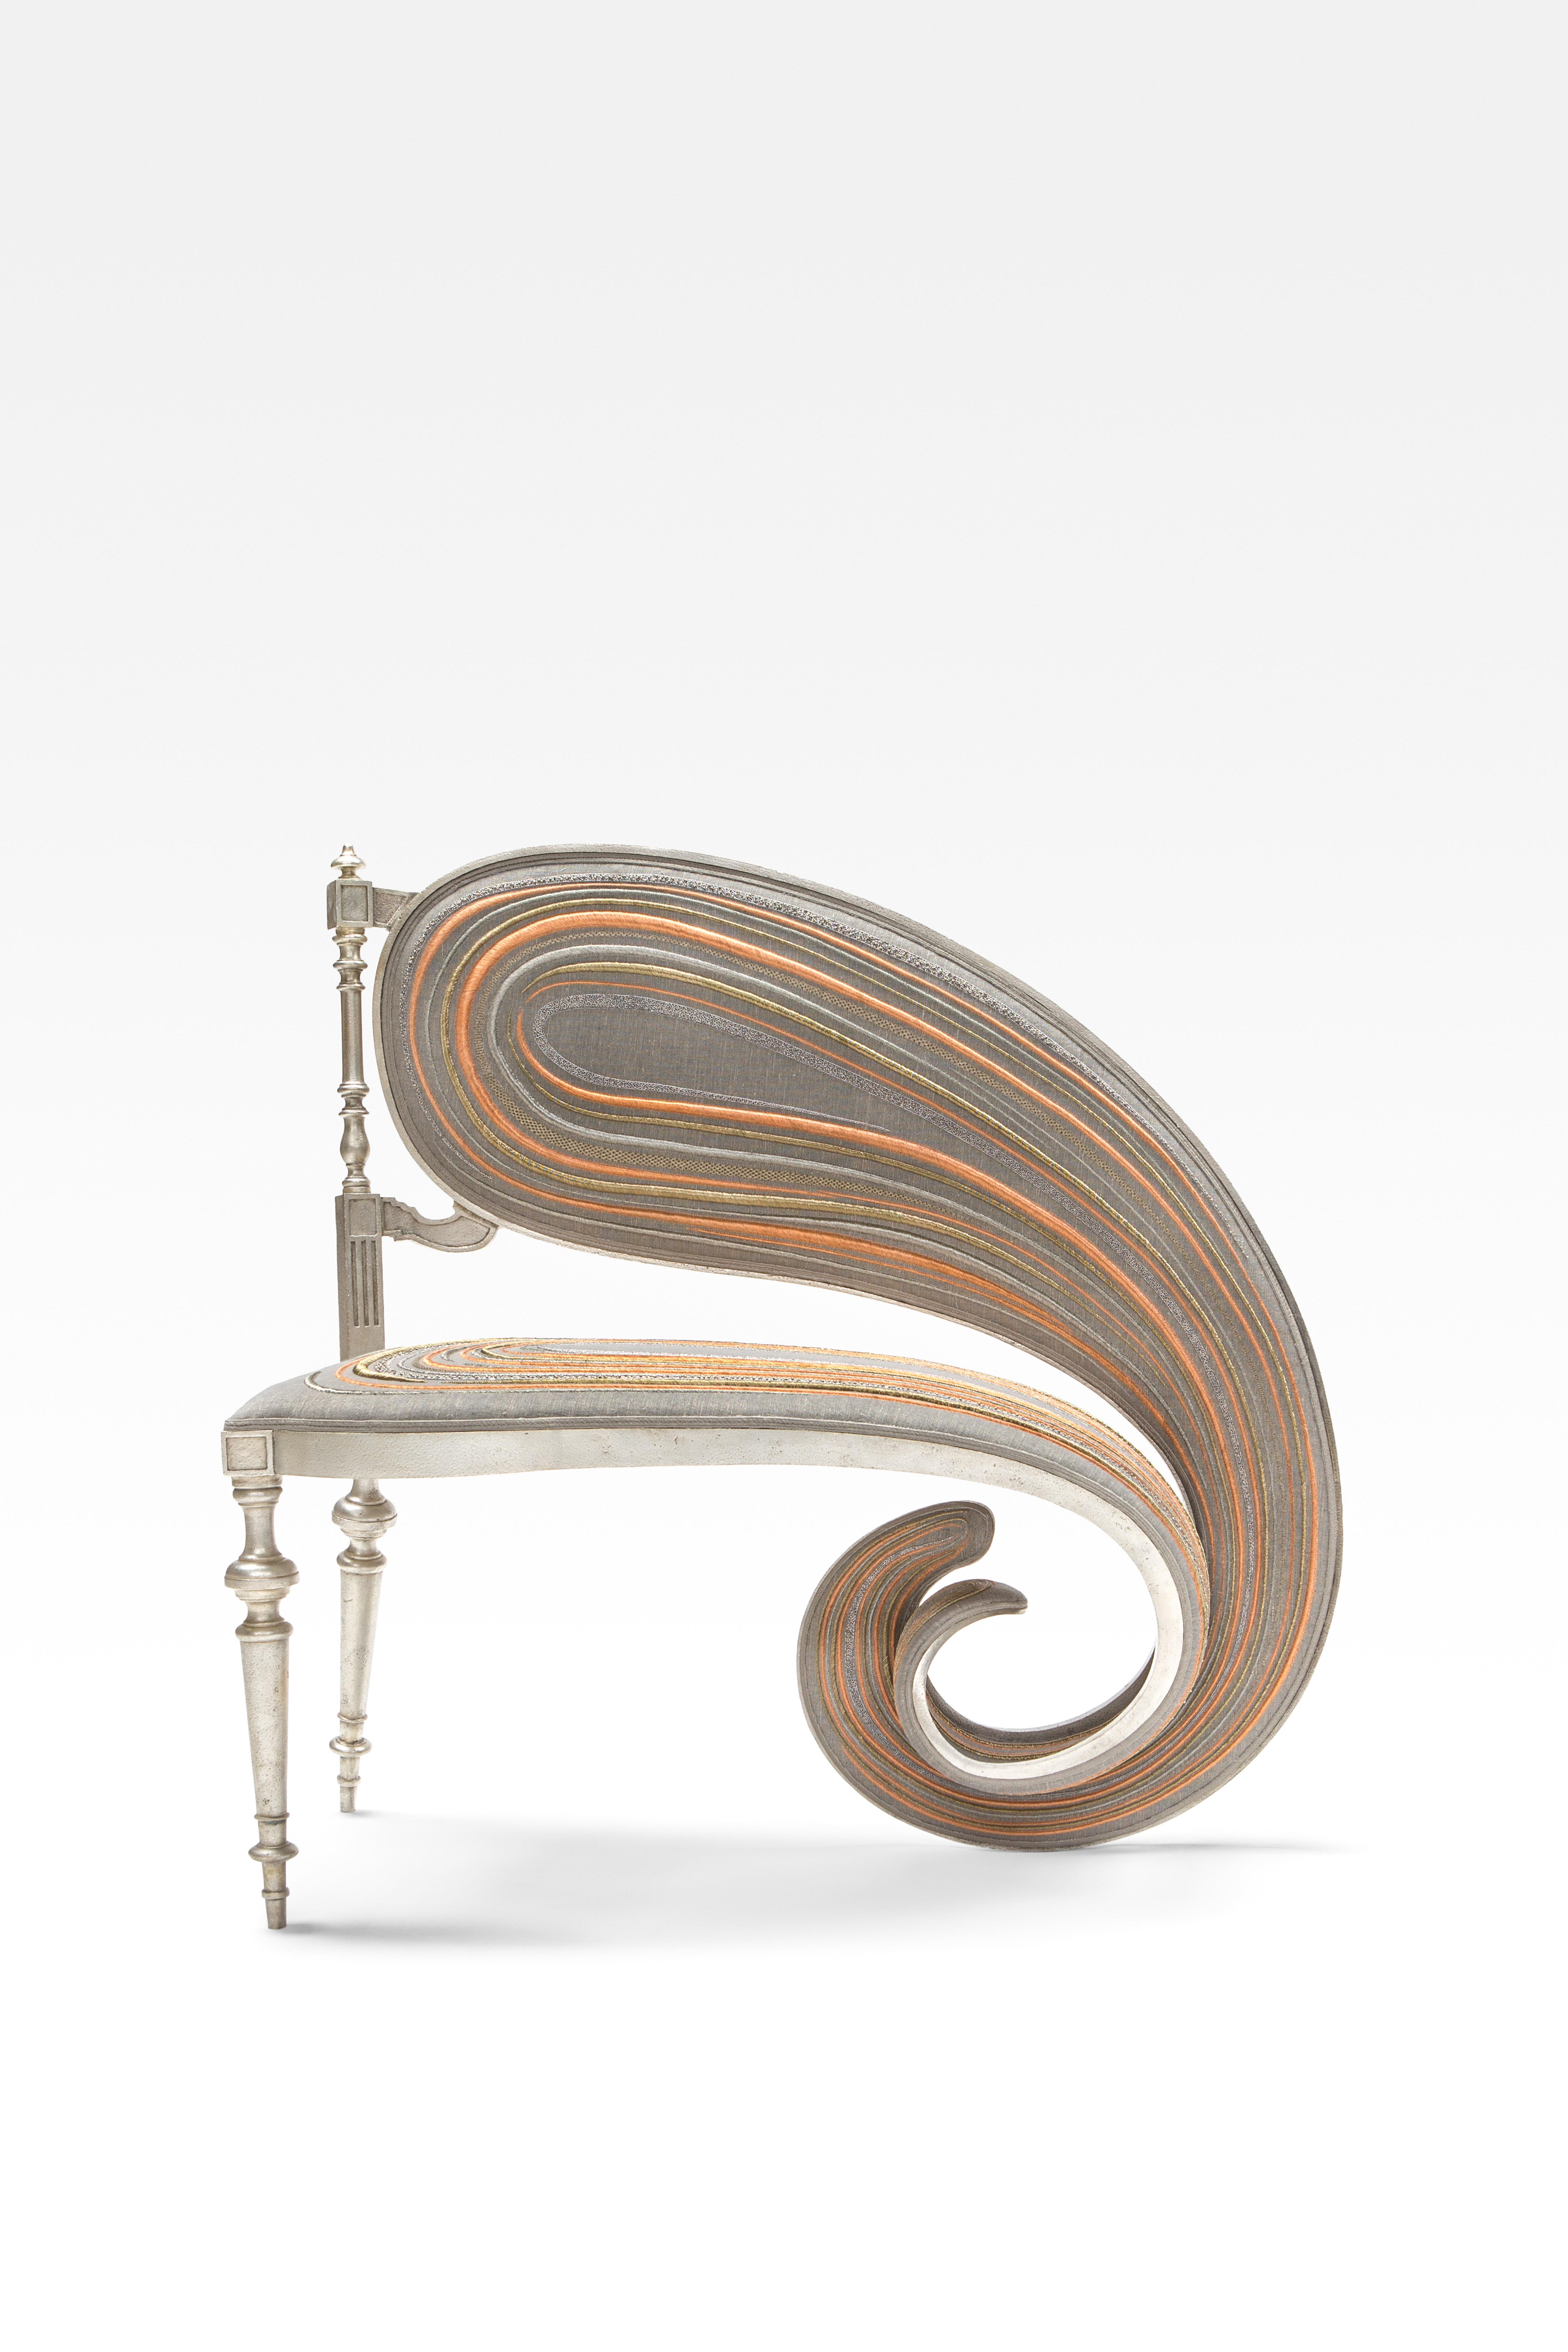 Sebastian Brajkovic - Fibonacci © Carpenters Workshop Gallery